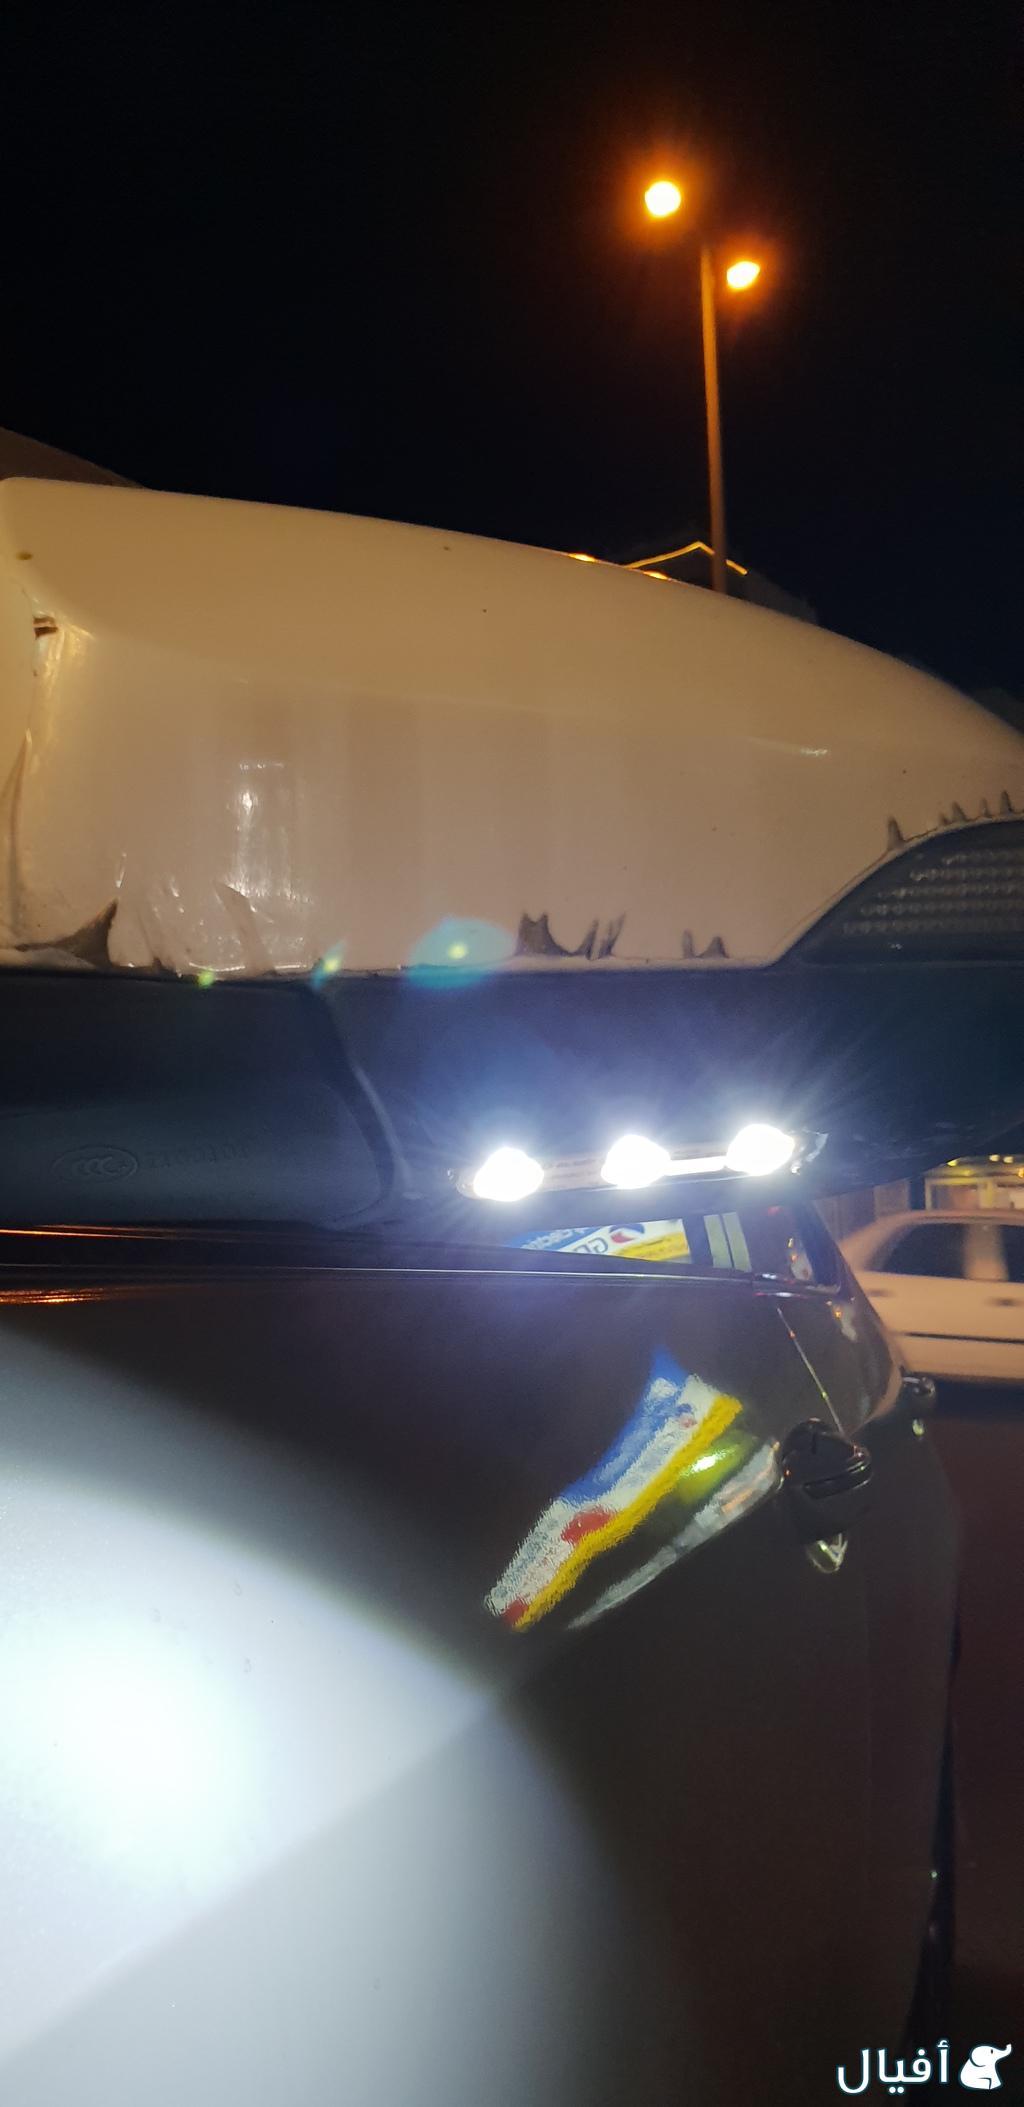 لمبات سيارات سامسونج كوريه